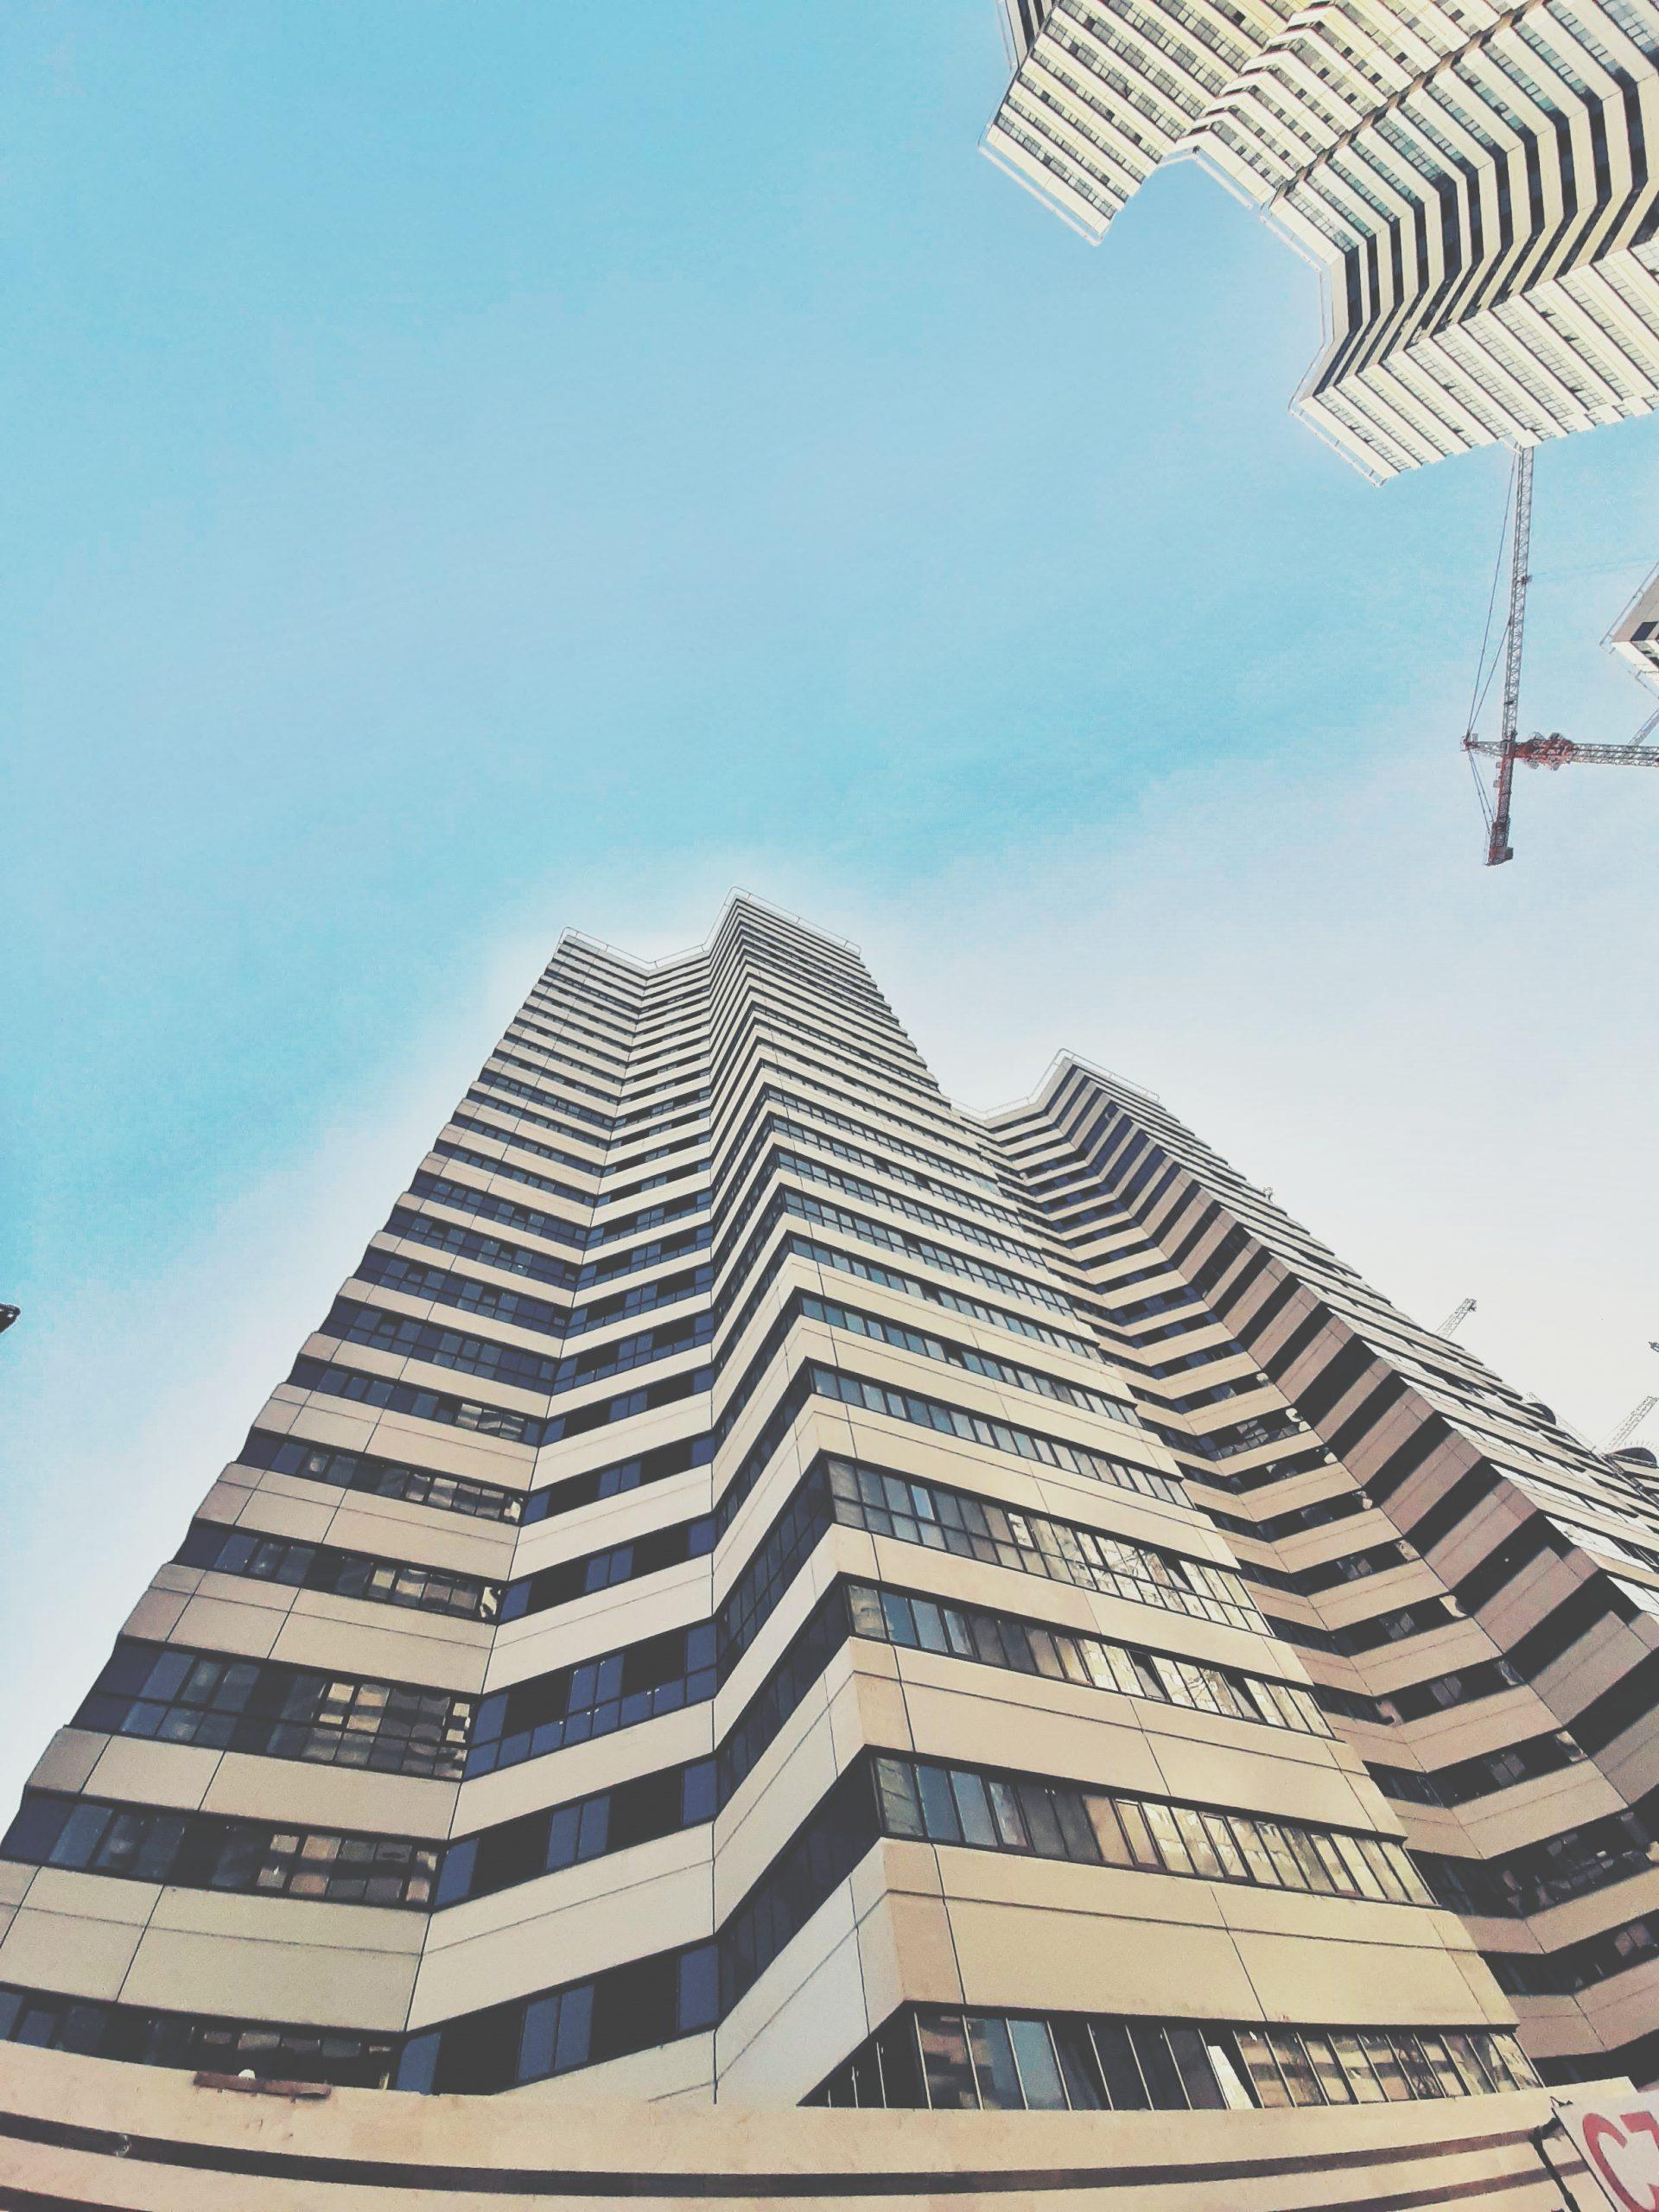 پروژه برج شهید خرازی بلوک سی ٨